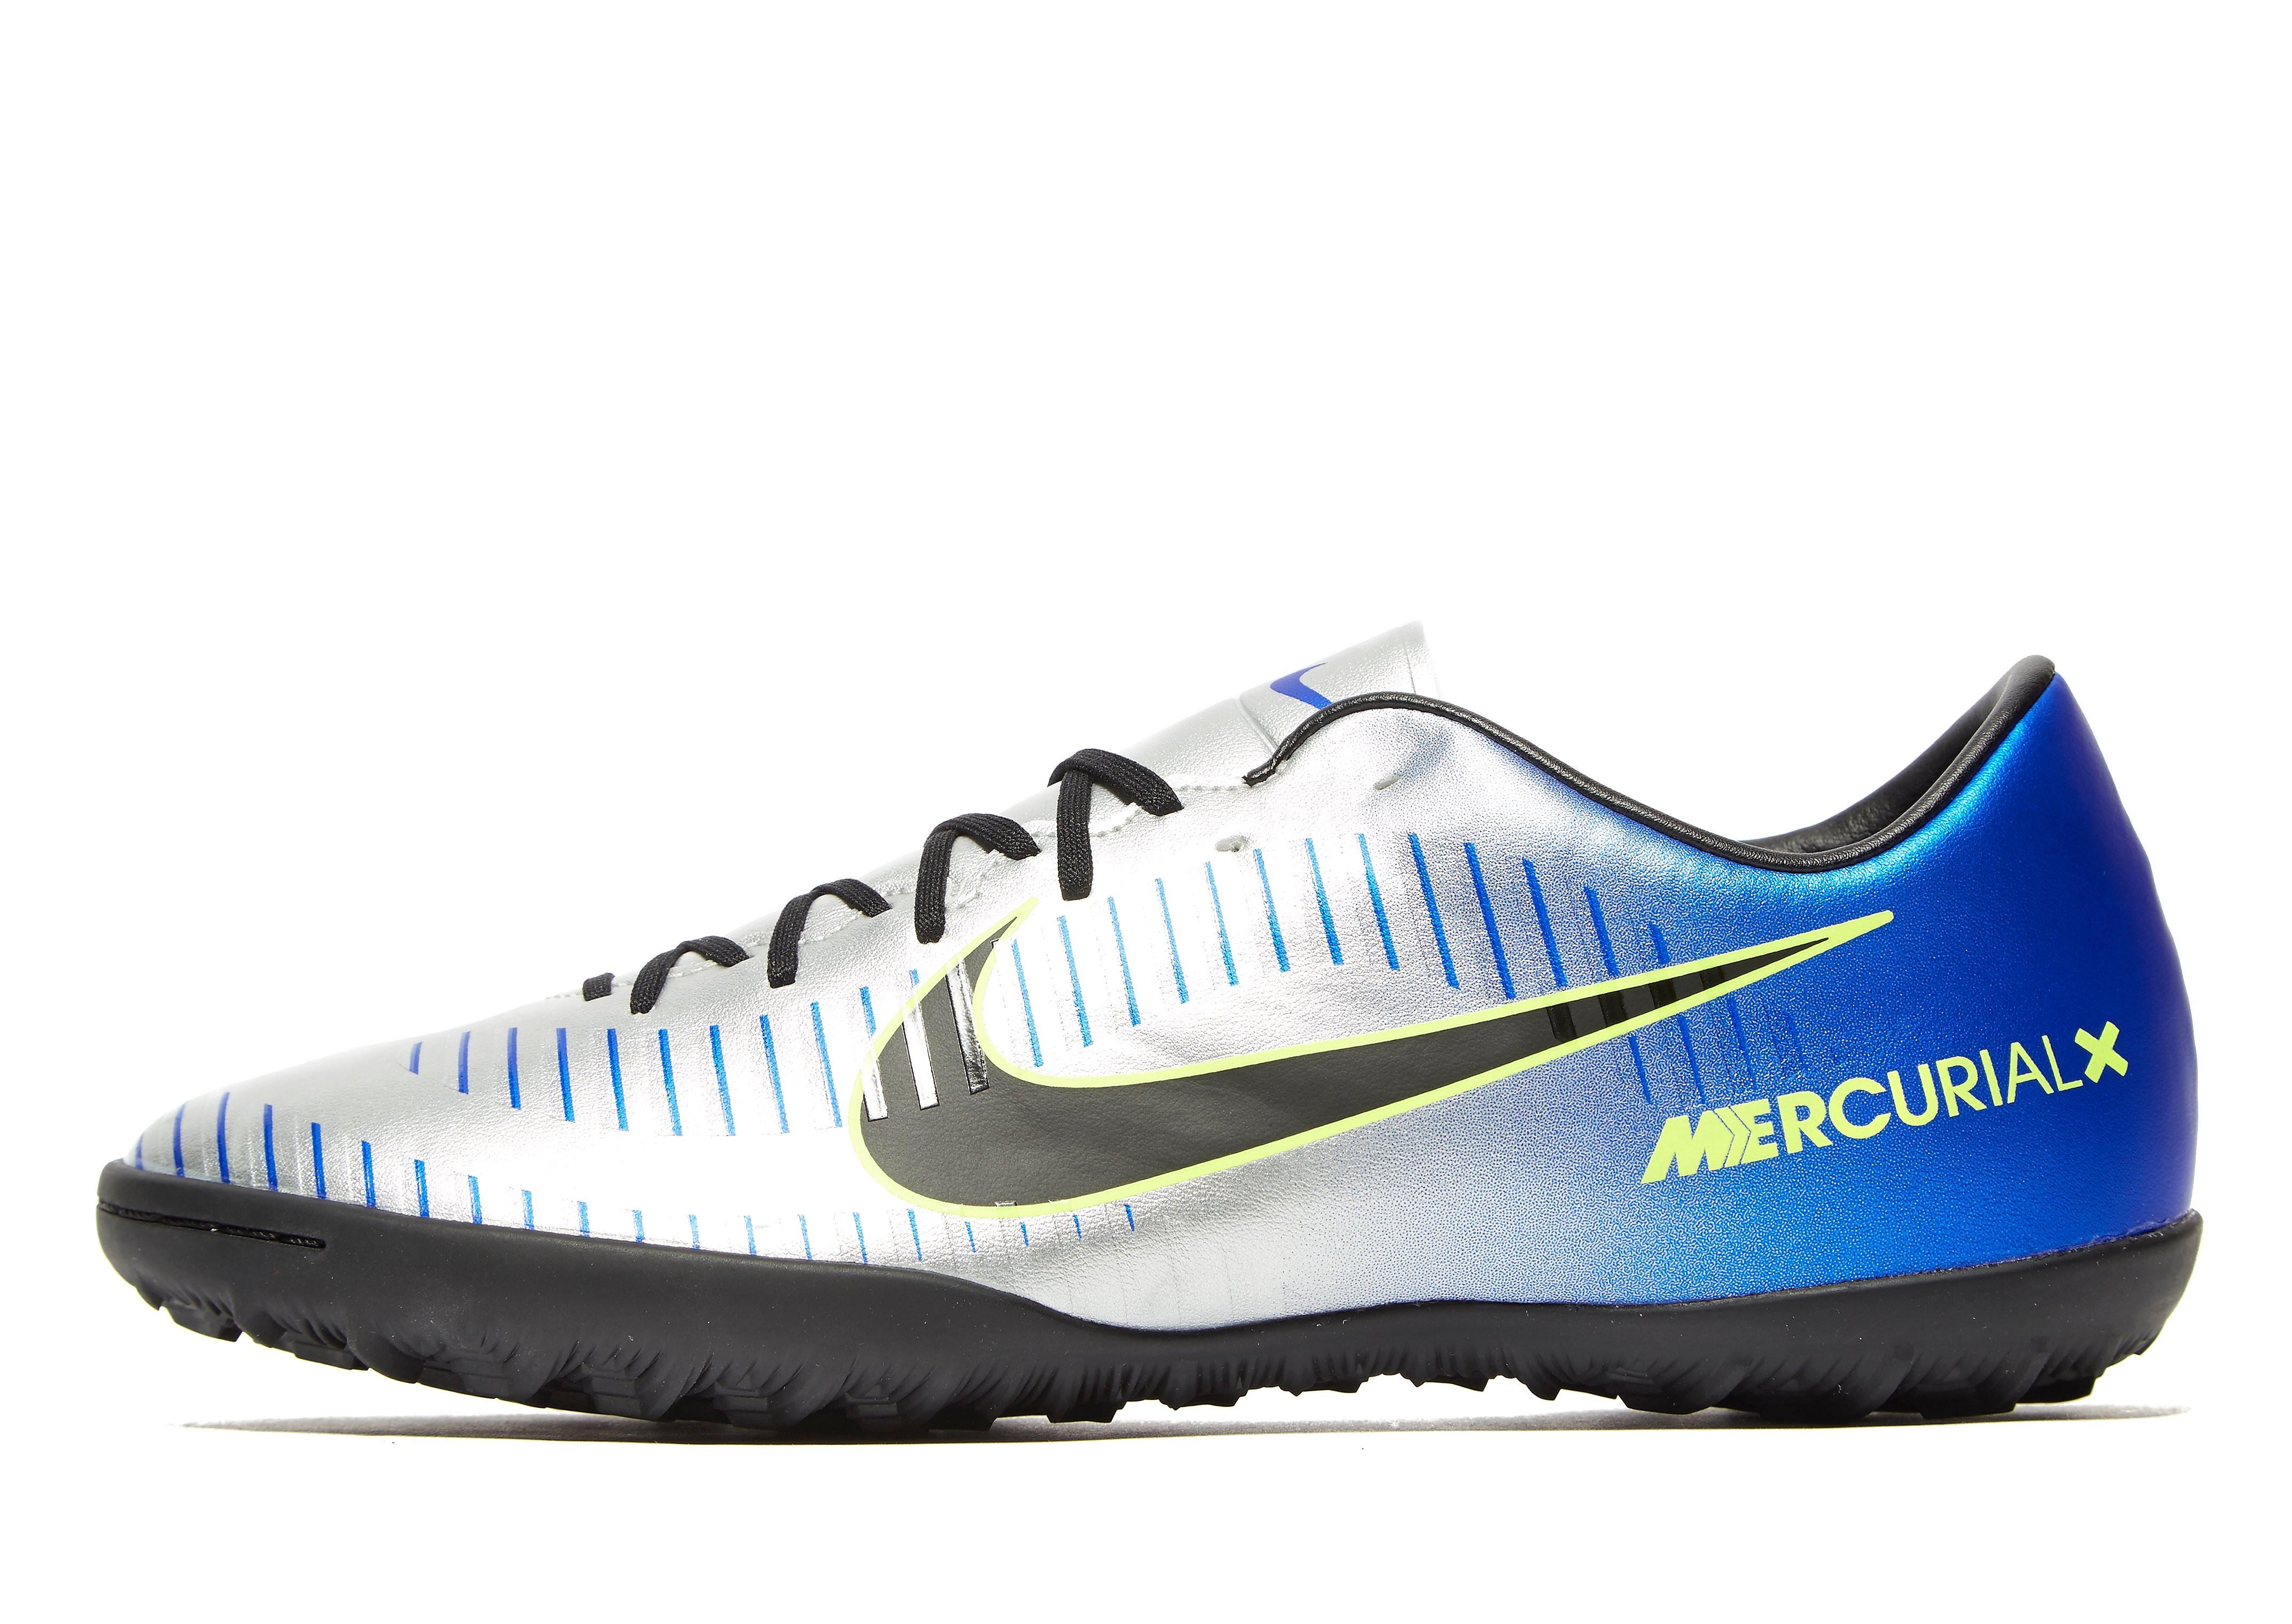 Nike Neymar Jr Mercurial Victory Turf Homme